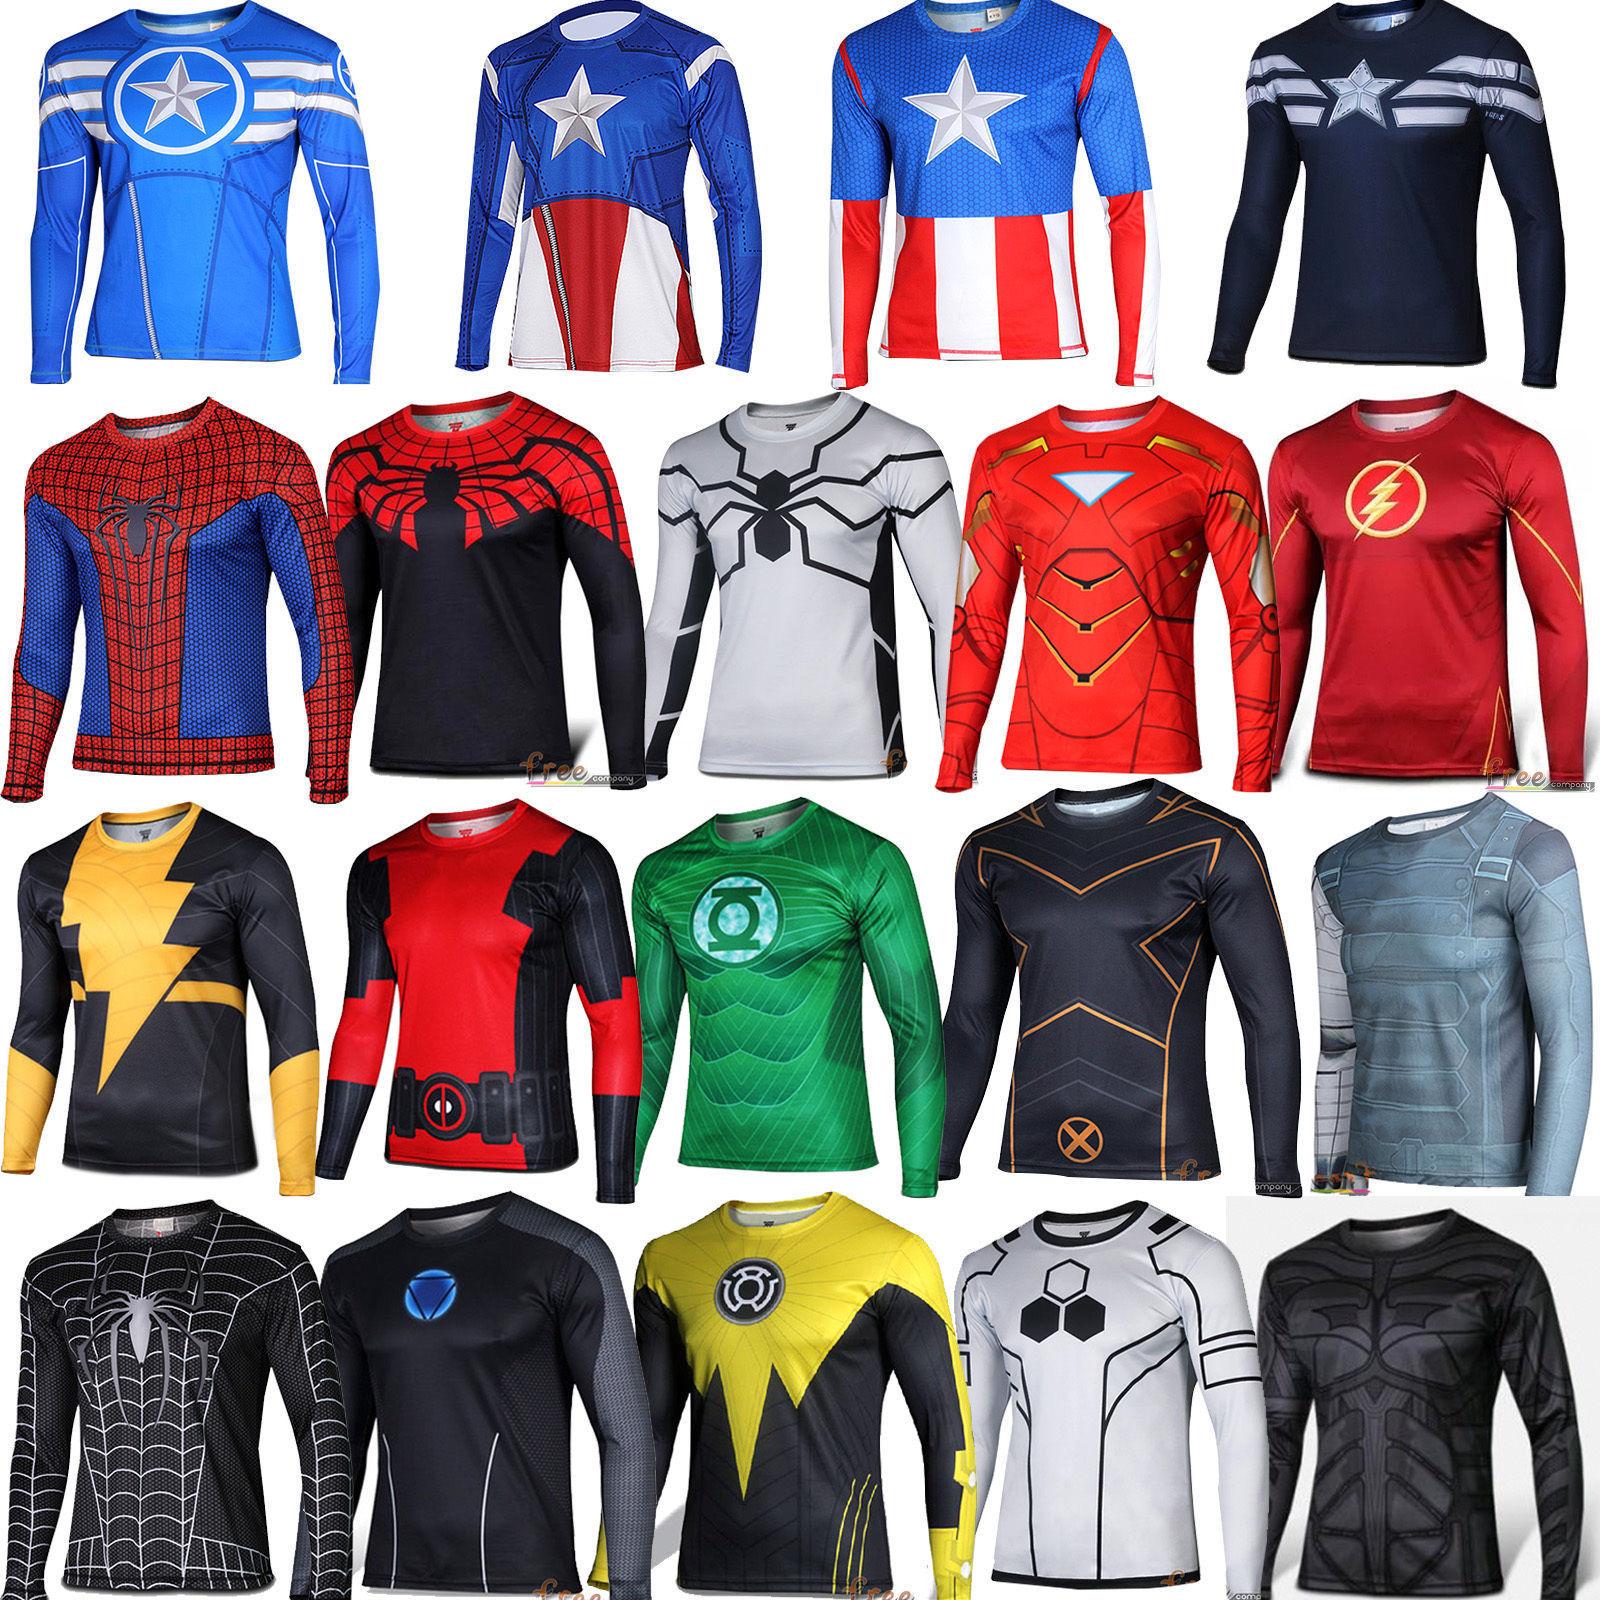 3ed0347ffa personalizado debajo de la armadura camisetas - Santillana ...